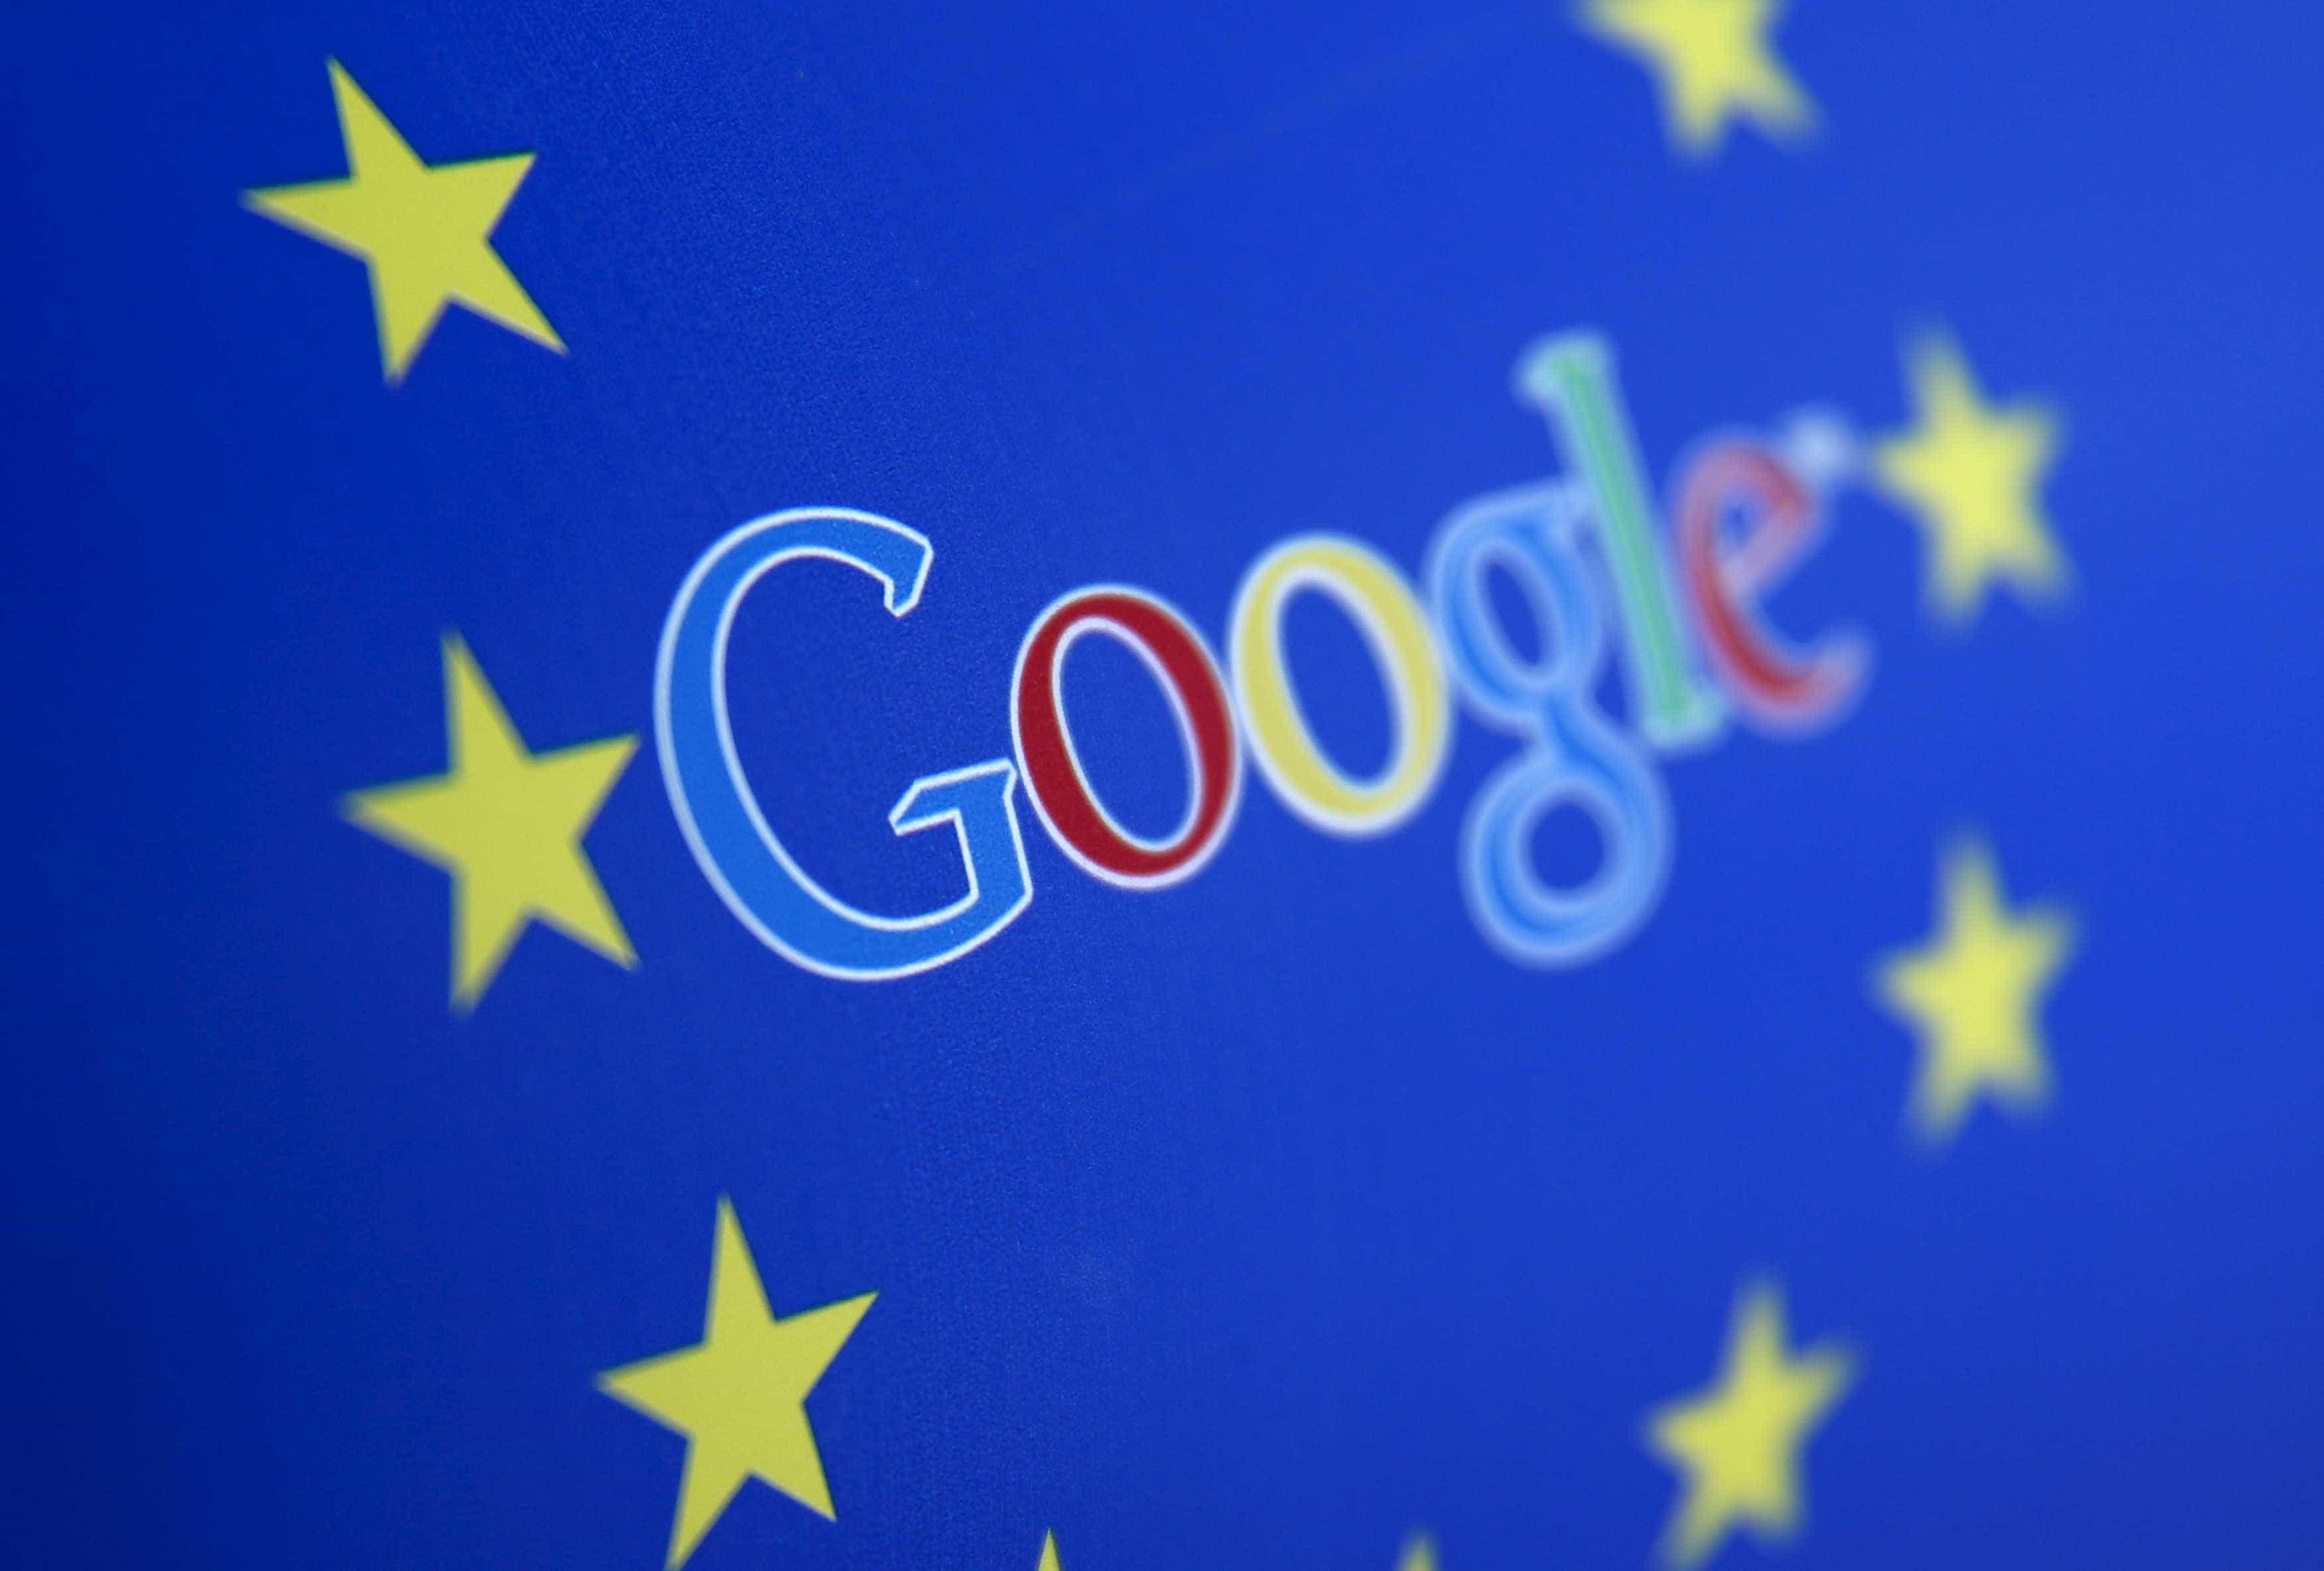 Google multada novamente. Desta vez foram 1,49 mil milhões de euros